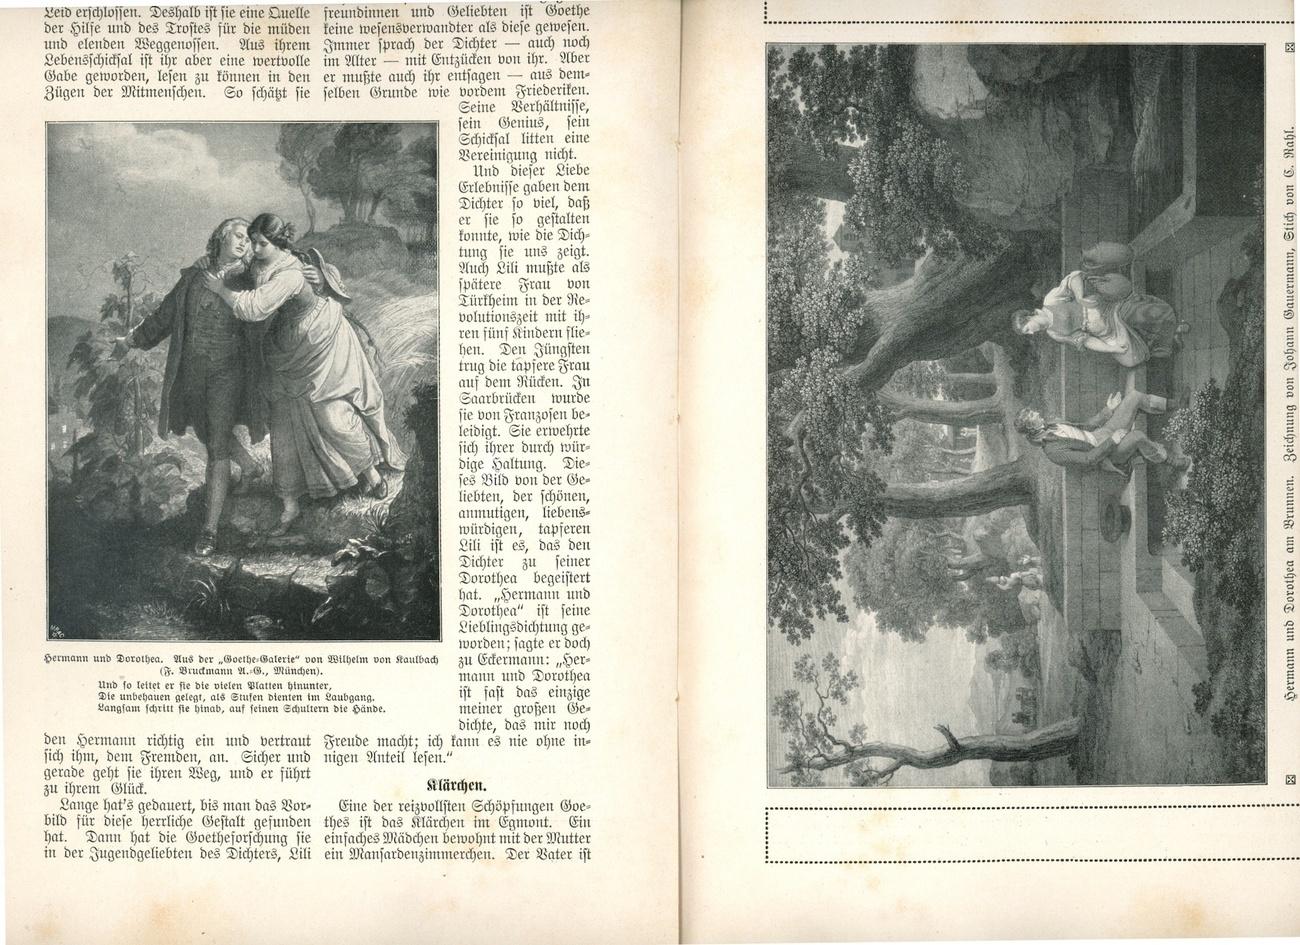 Goethes Frauengeflalten Bolksbucher der Liteature No. 80 book